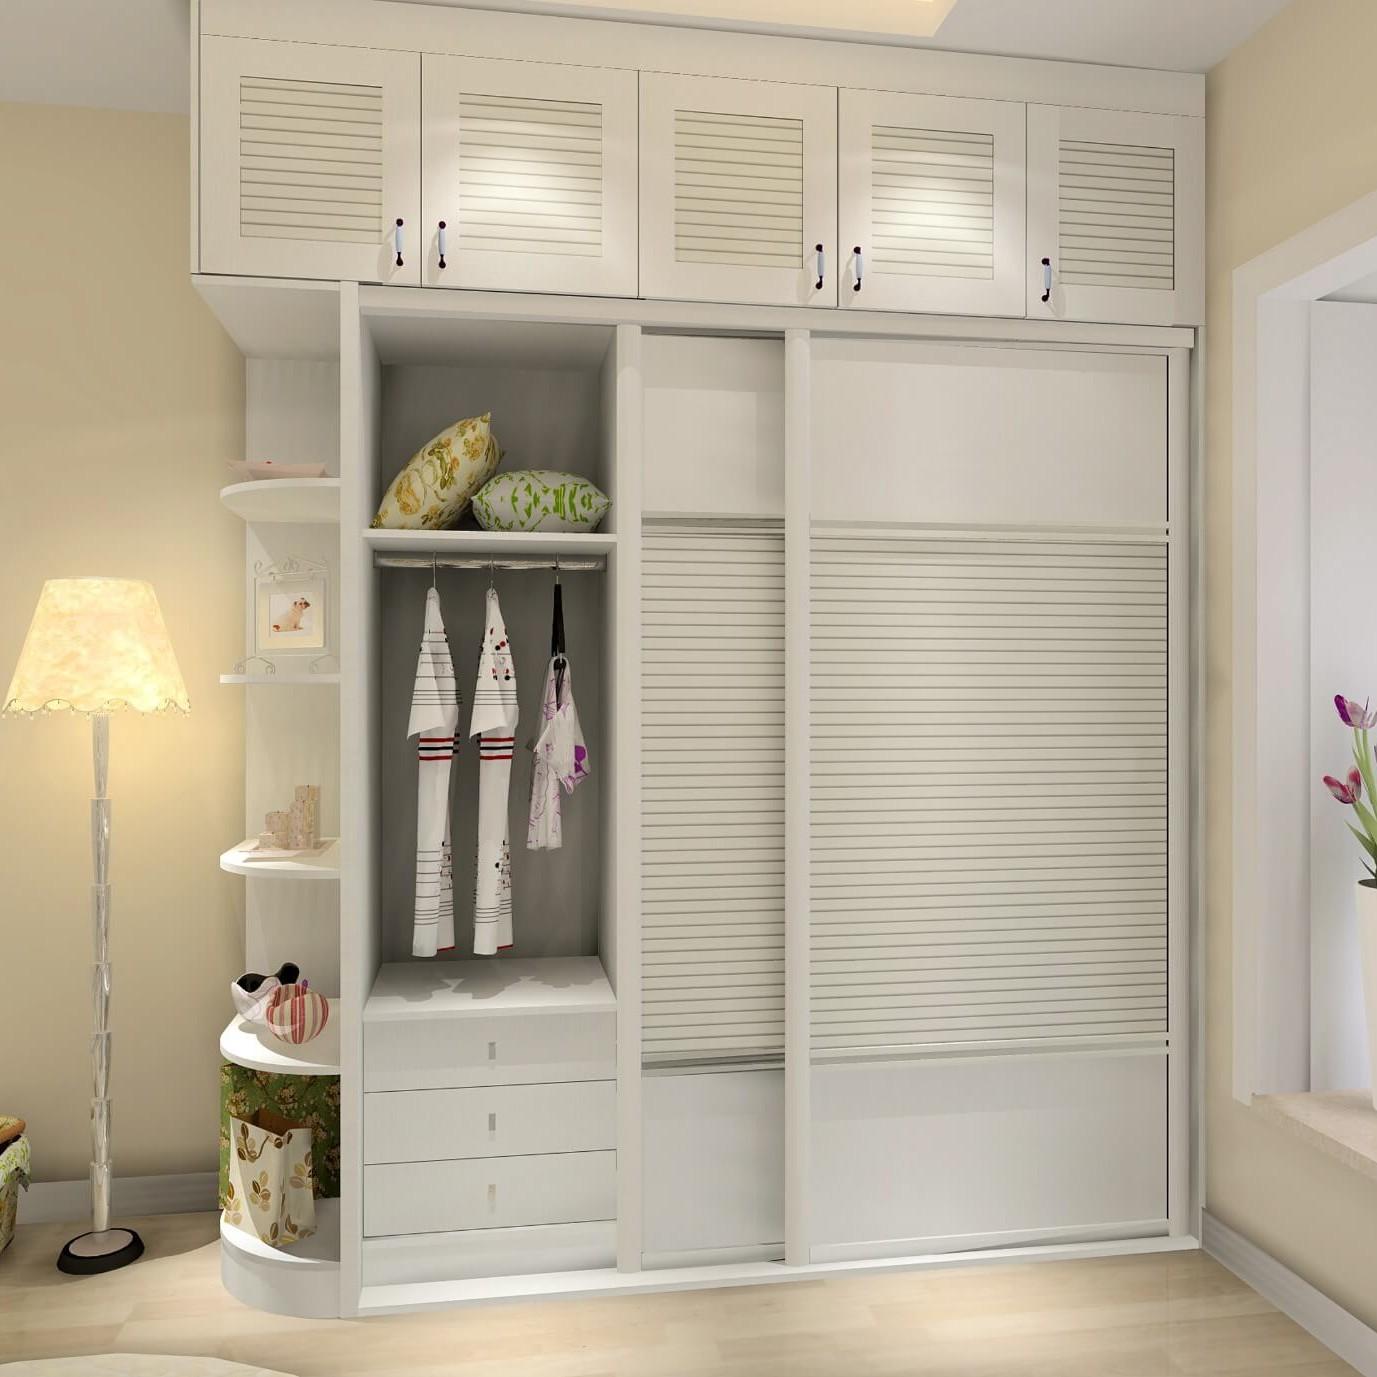 贵阳衣柜定制:环保衣柜需要注意这几点